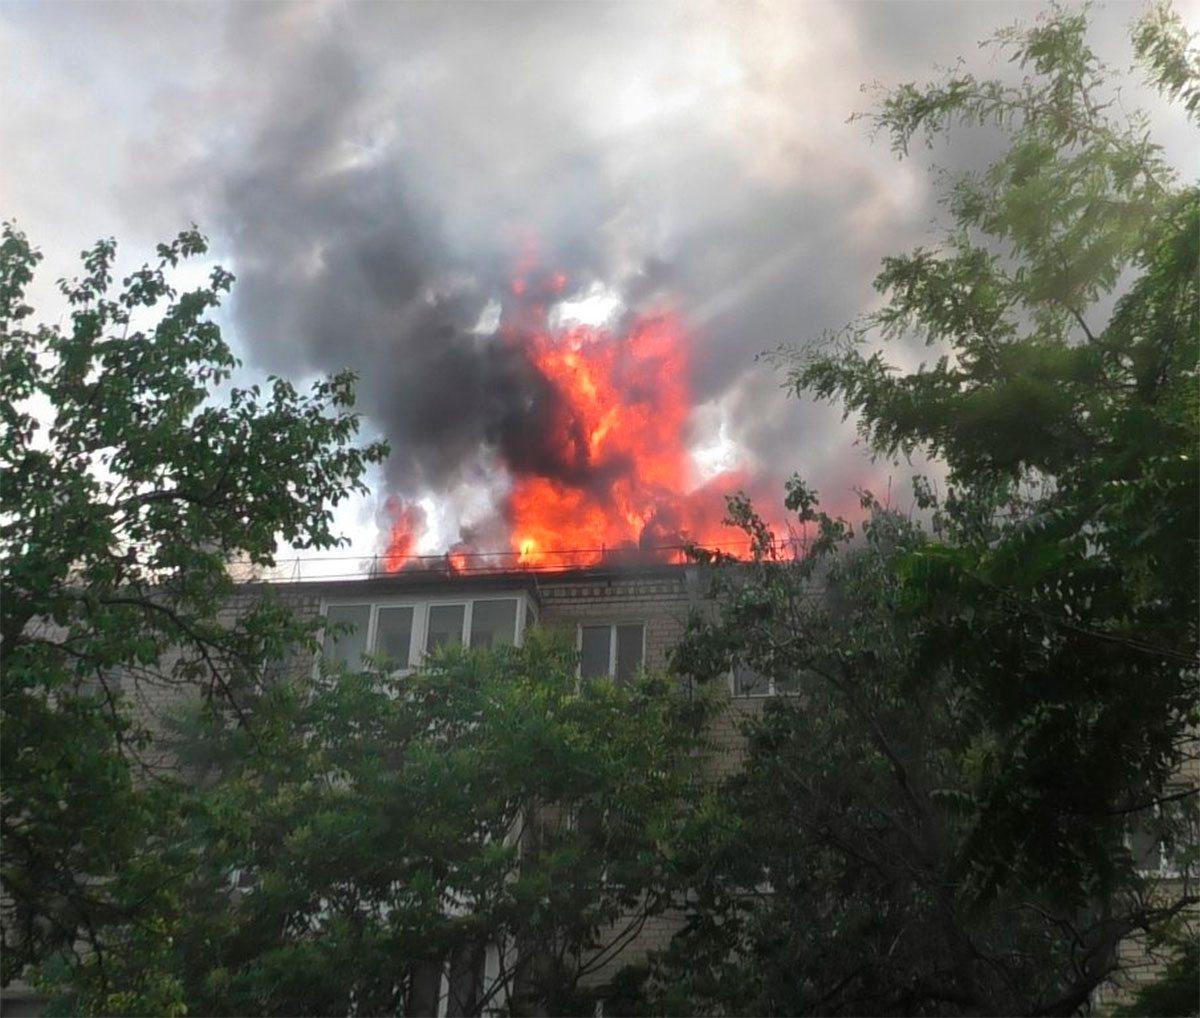 Сальдо лично оценил состояние сгоревшей крыши жилого дома в Херсоне